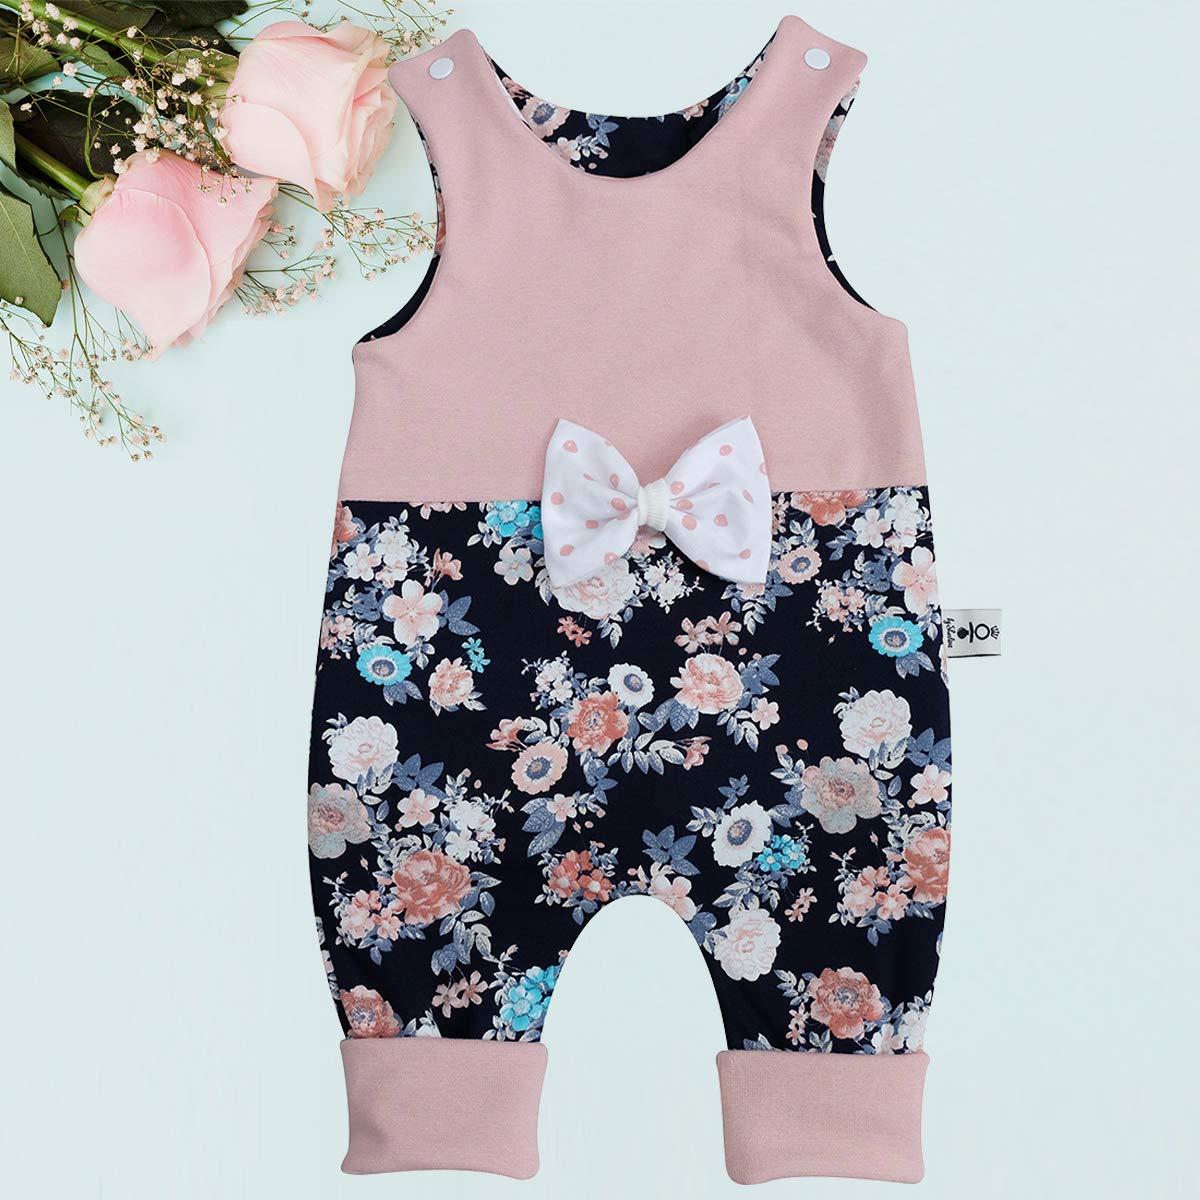 Schleifen Strampler Dunkelblau Blumen Babystrampler Neugeborenen Strampler in Mitwachsgr/ö/ßen handgefertigt in Deutschland